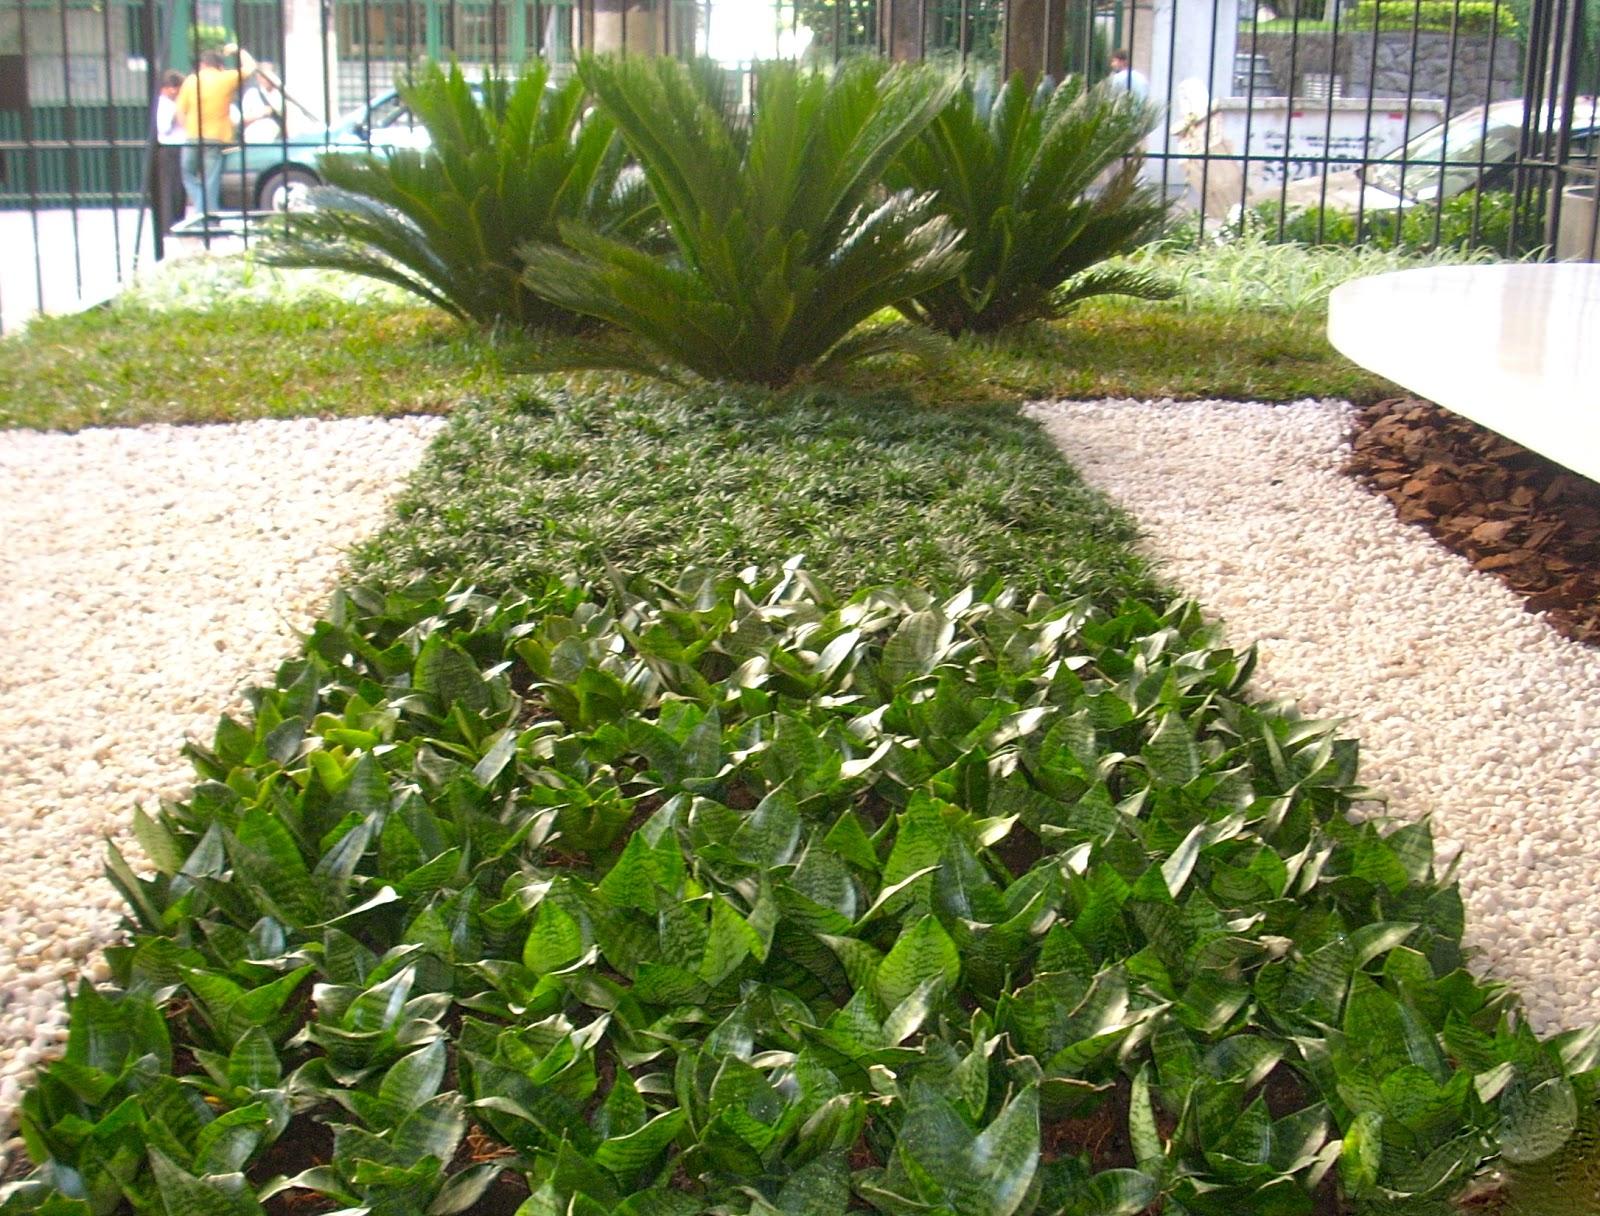 Diferen as entre paisagismo e jardinagem siagutatemp for Paisagismo e jardinagem